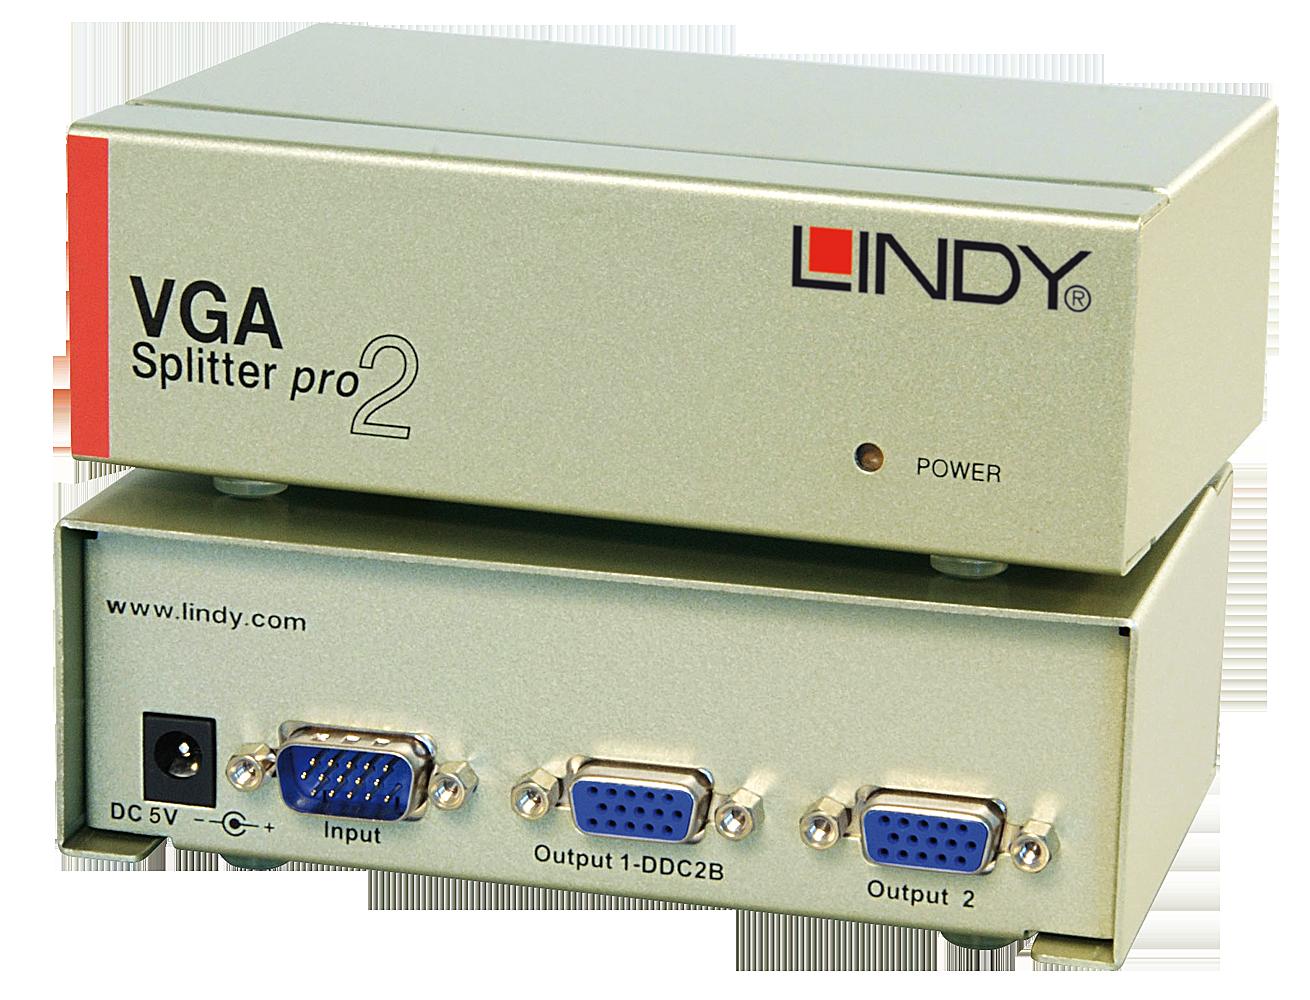 VGA Splitter PRO, 2 Port